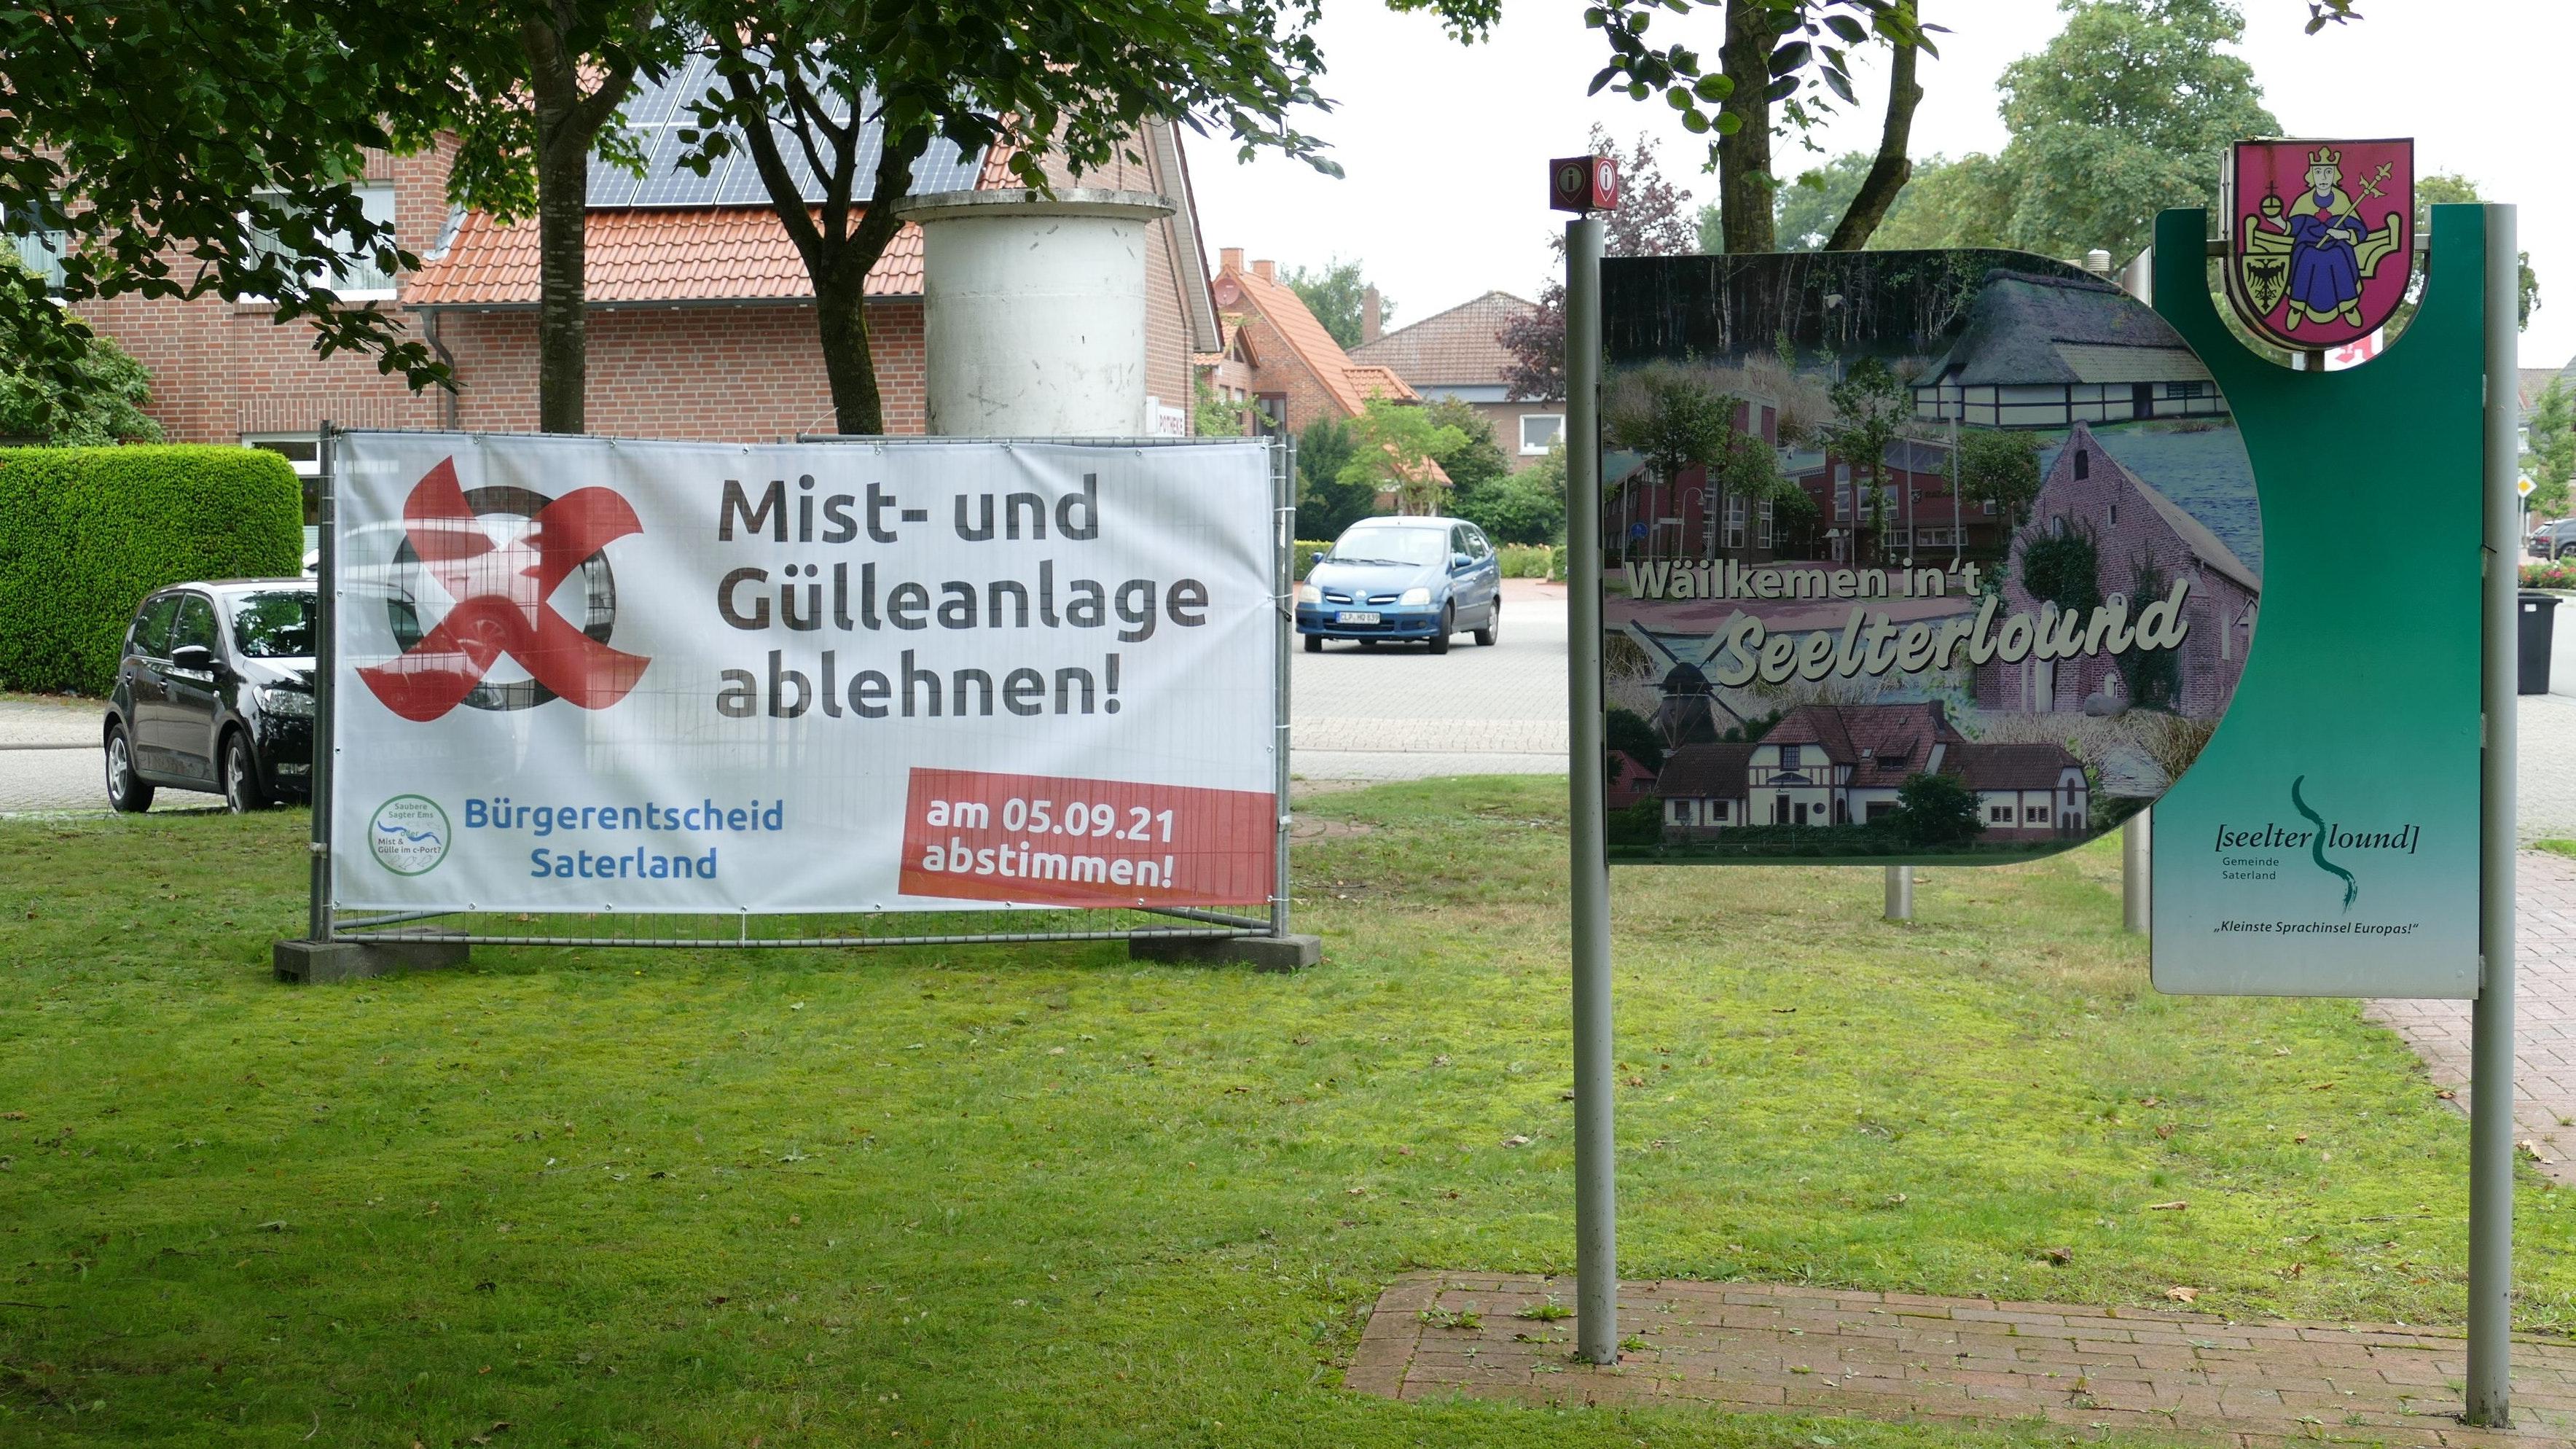 Vereinzelt werben Großplakate in der Gemeinde Saterland für die Teilnahme am Bürgerentscheid am 5. September. Foto: Stix